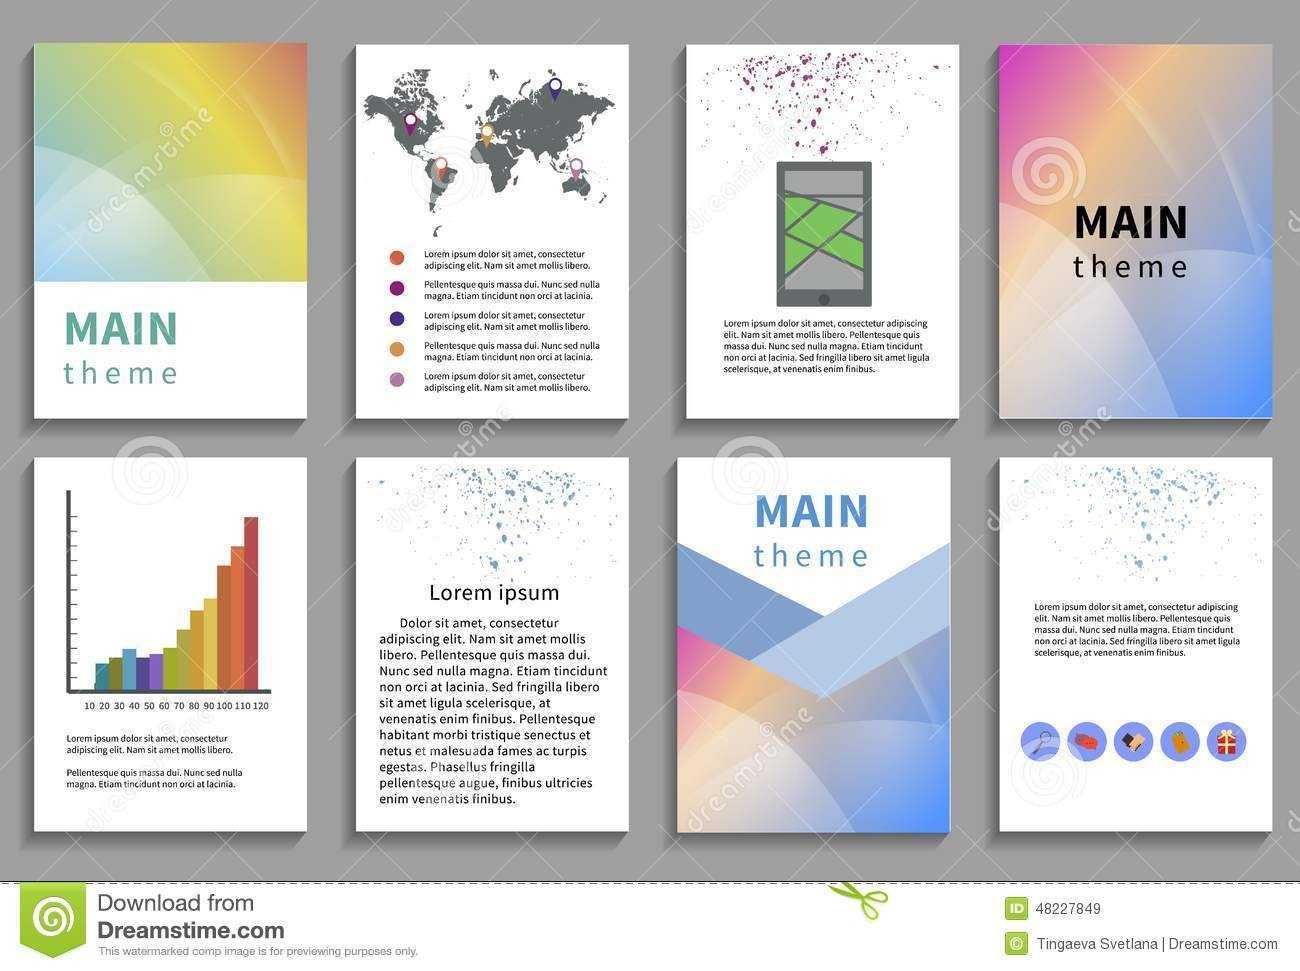 Online Brochure Template Free Ukran Agdiffusion Com regarding Online Brochure Template Free